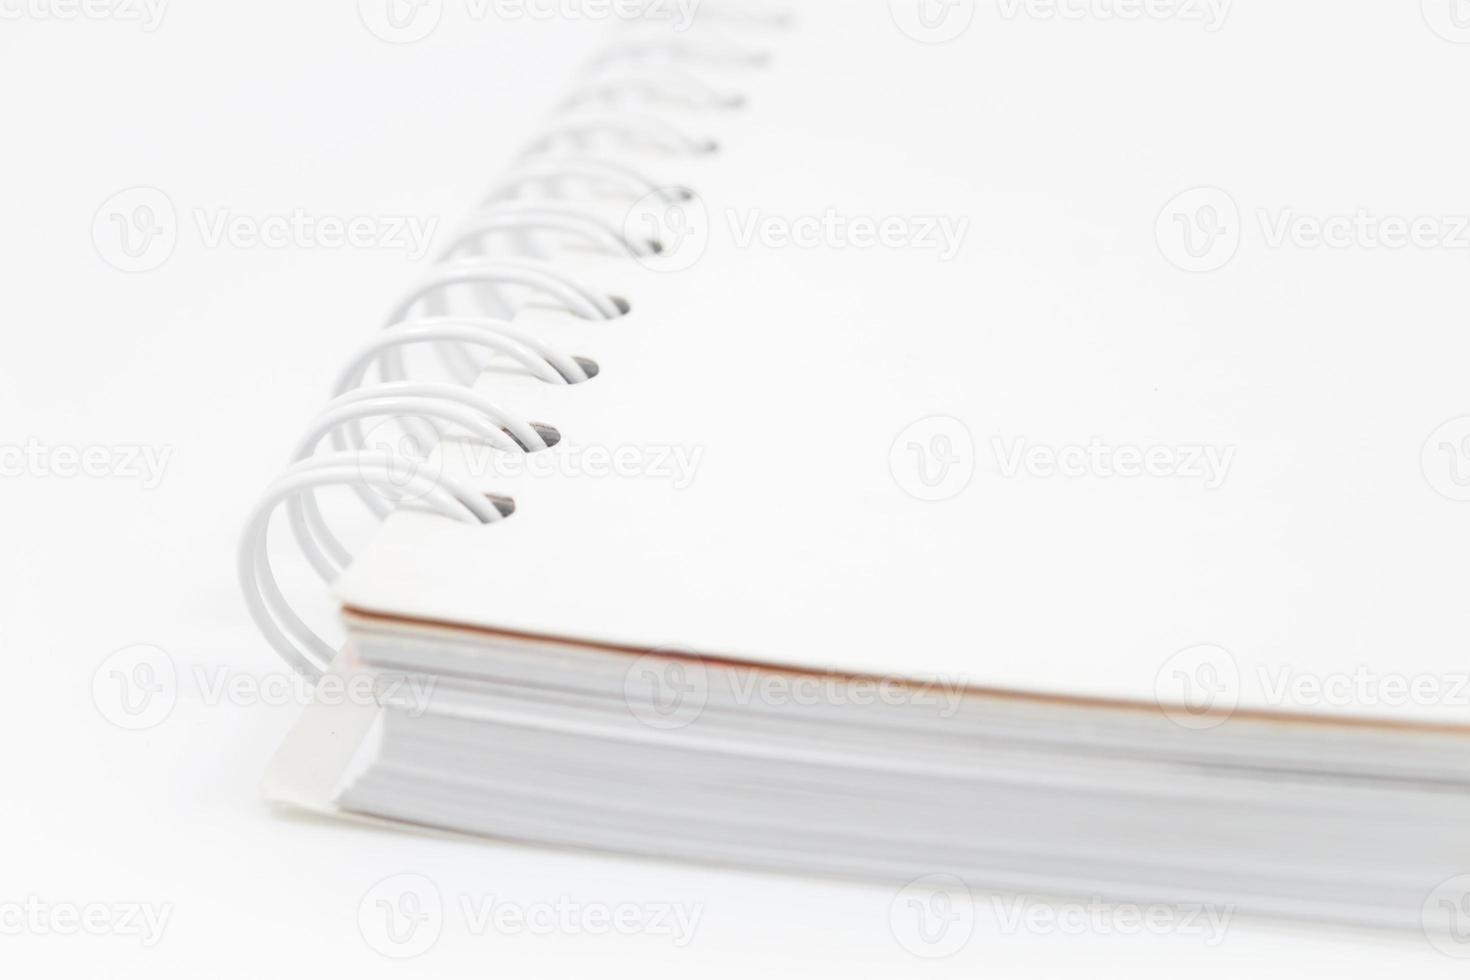 primo piano quaderno a spirale isolato su sfondo bianco foto